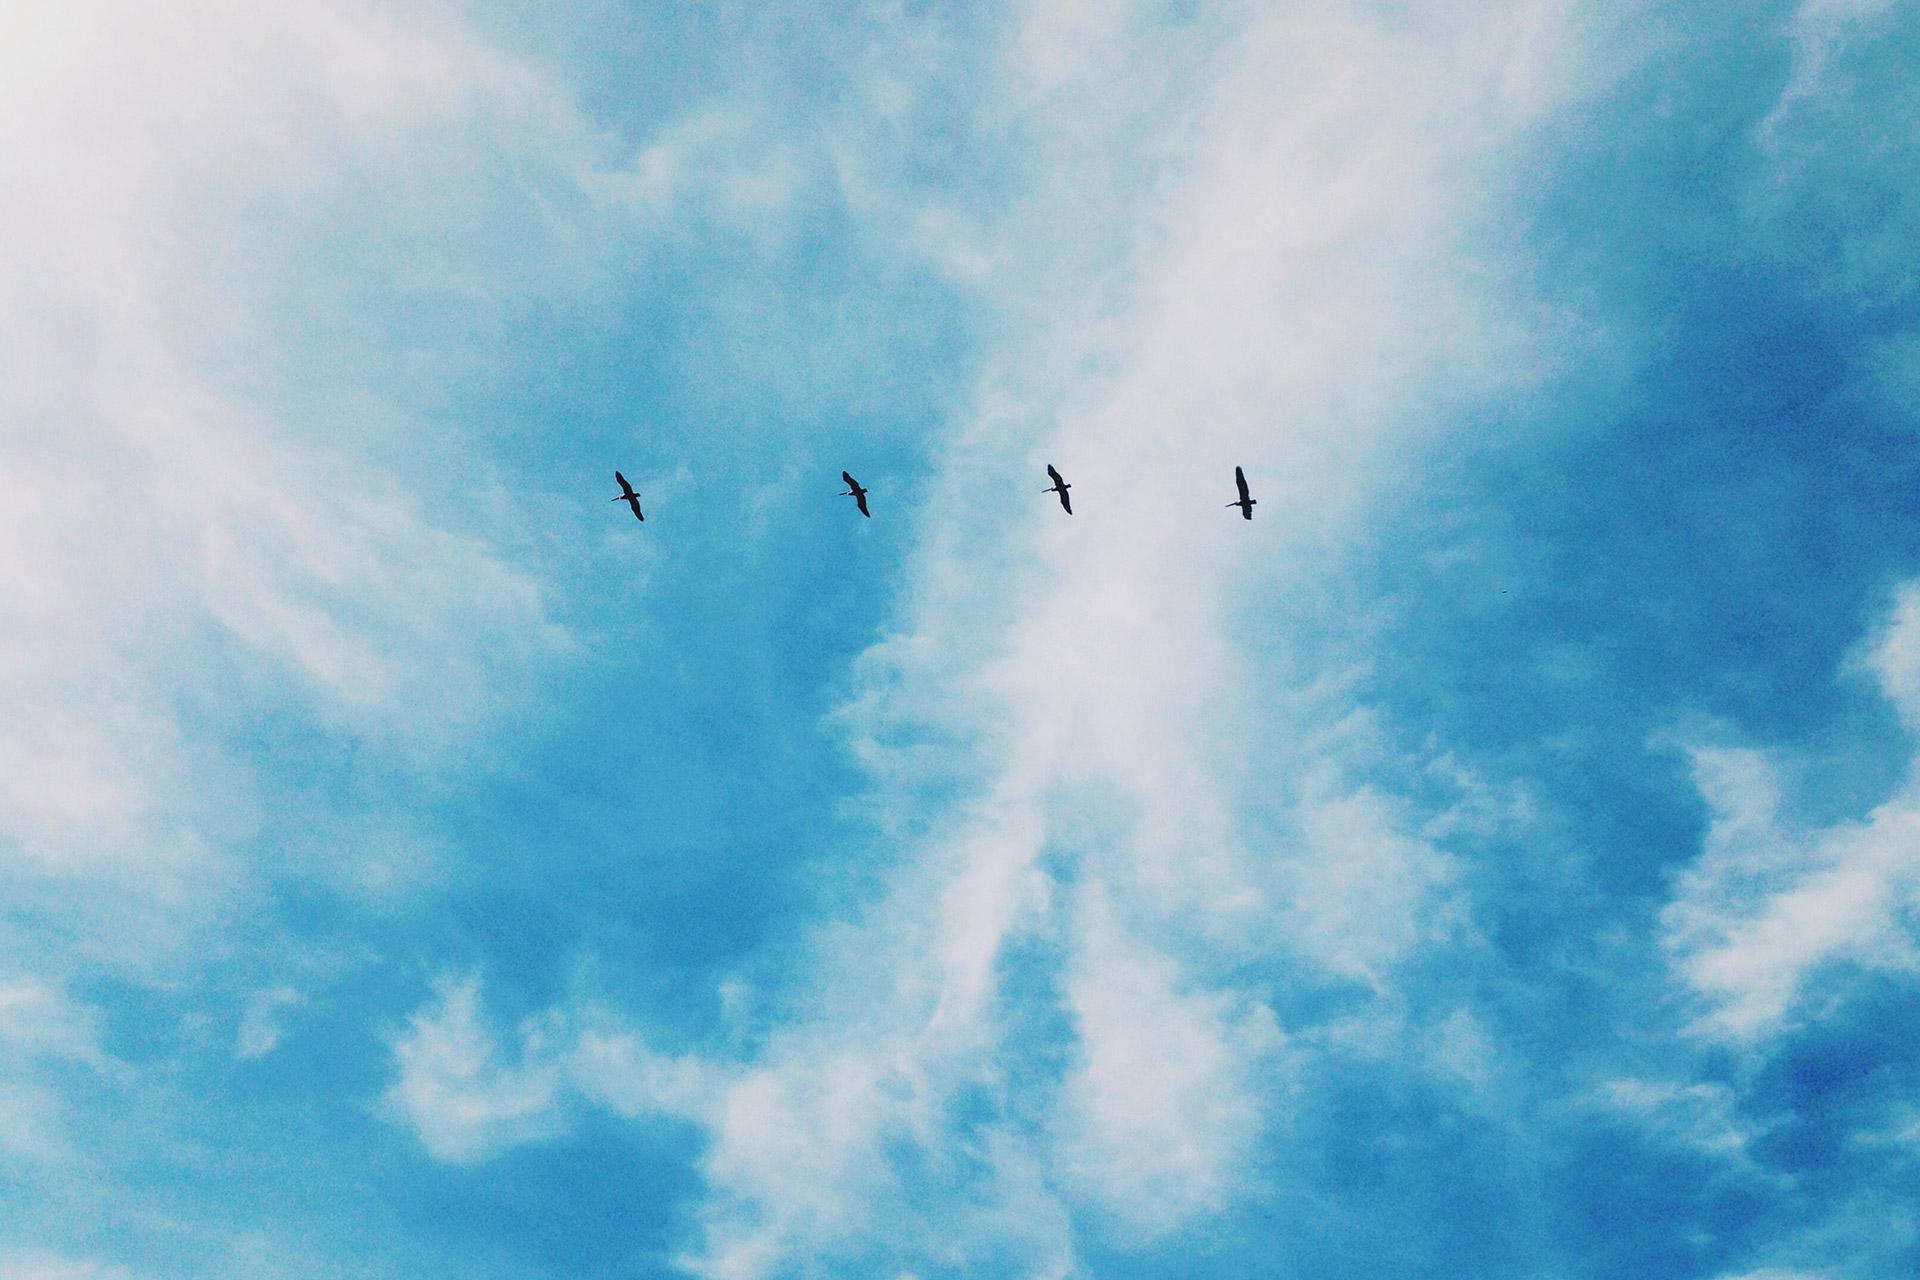 birds flying high together